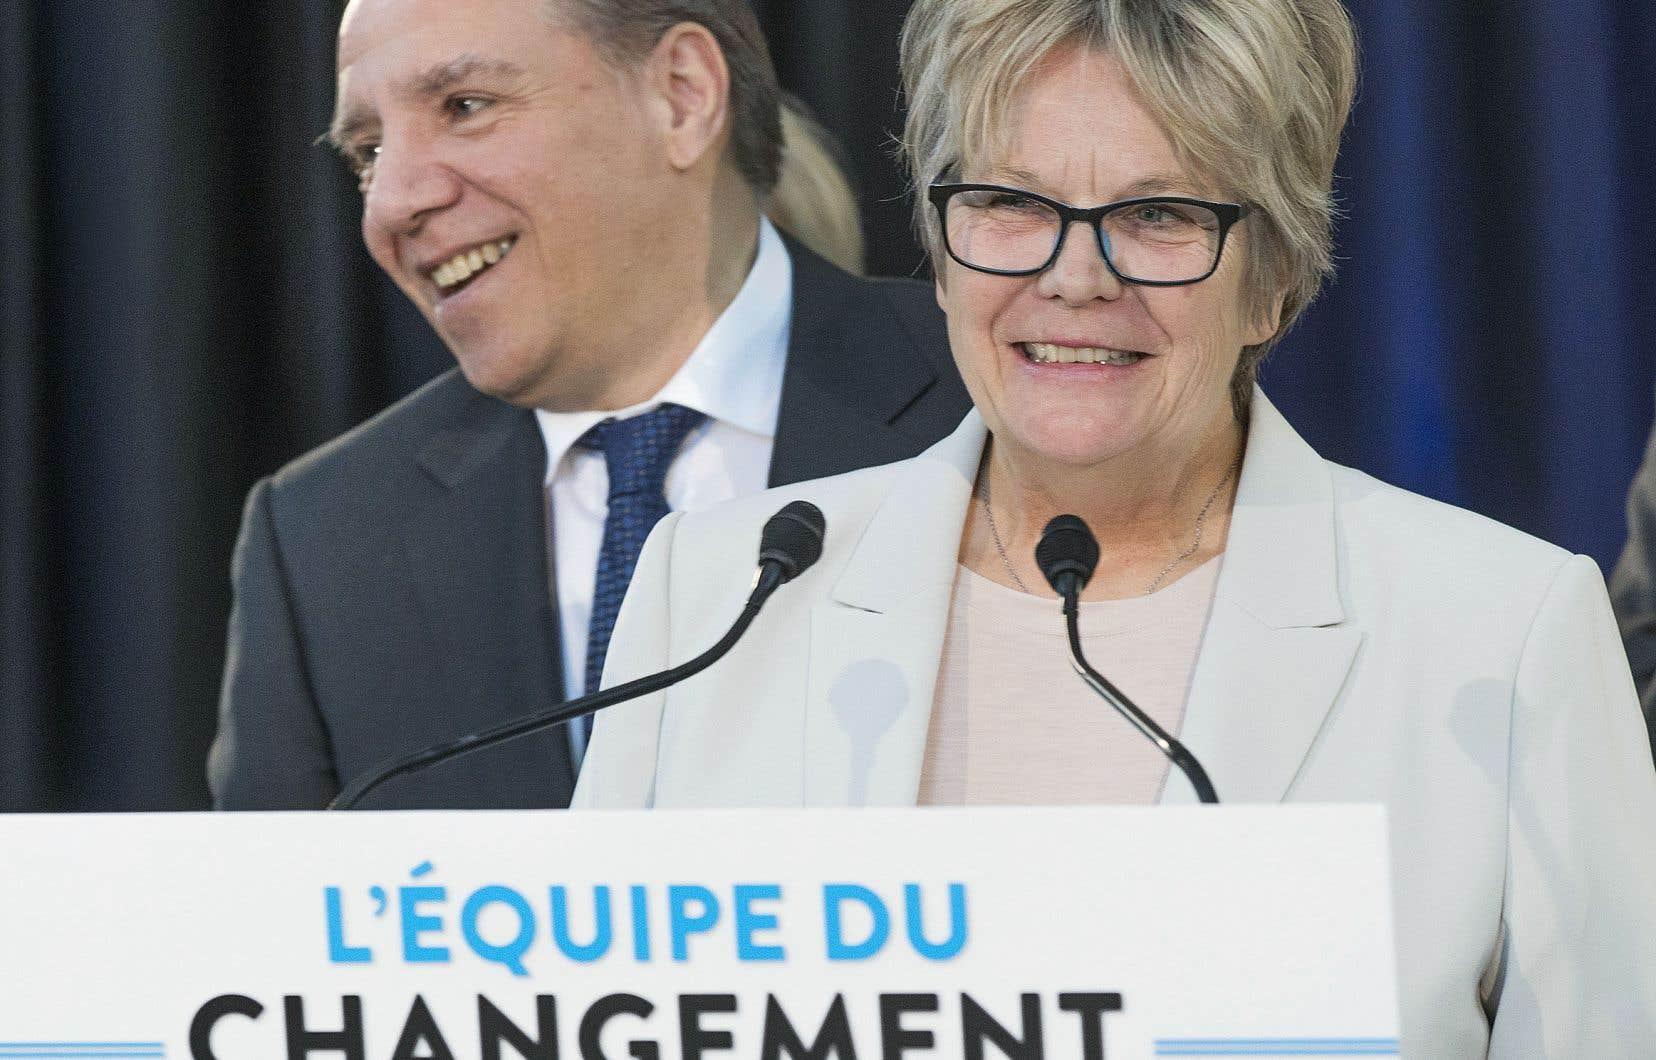 Le chef de la CAQ, François Legault, et sa candidate dans Rivière-des-Prairies–Pointe-aux-Trembles, Chantal Rouleau, mairesse de l'arrondissement.